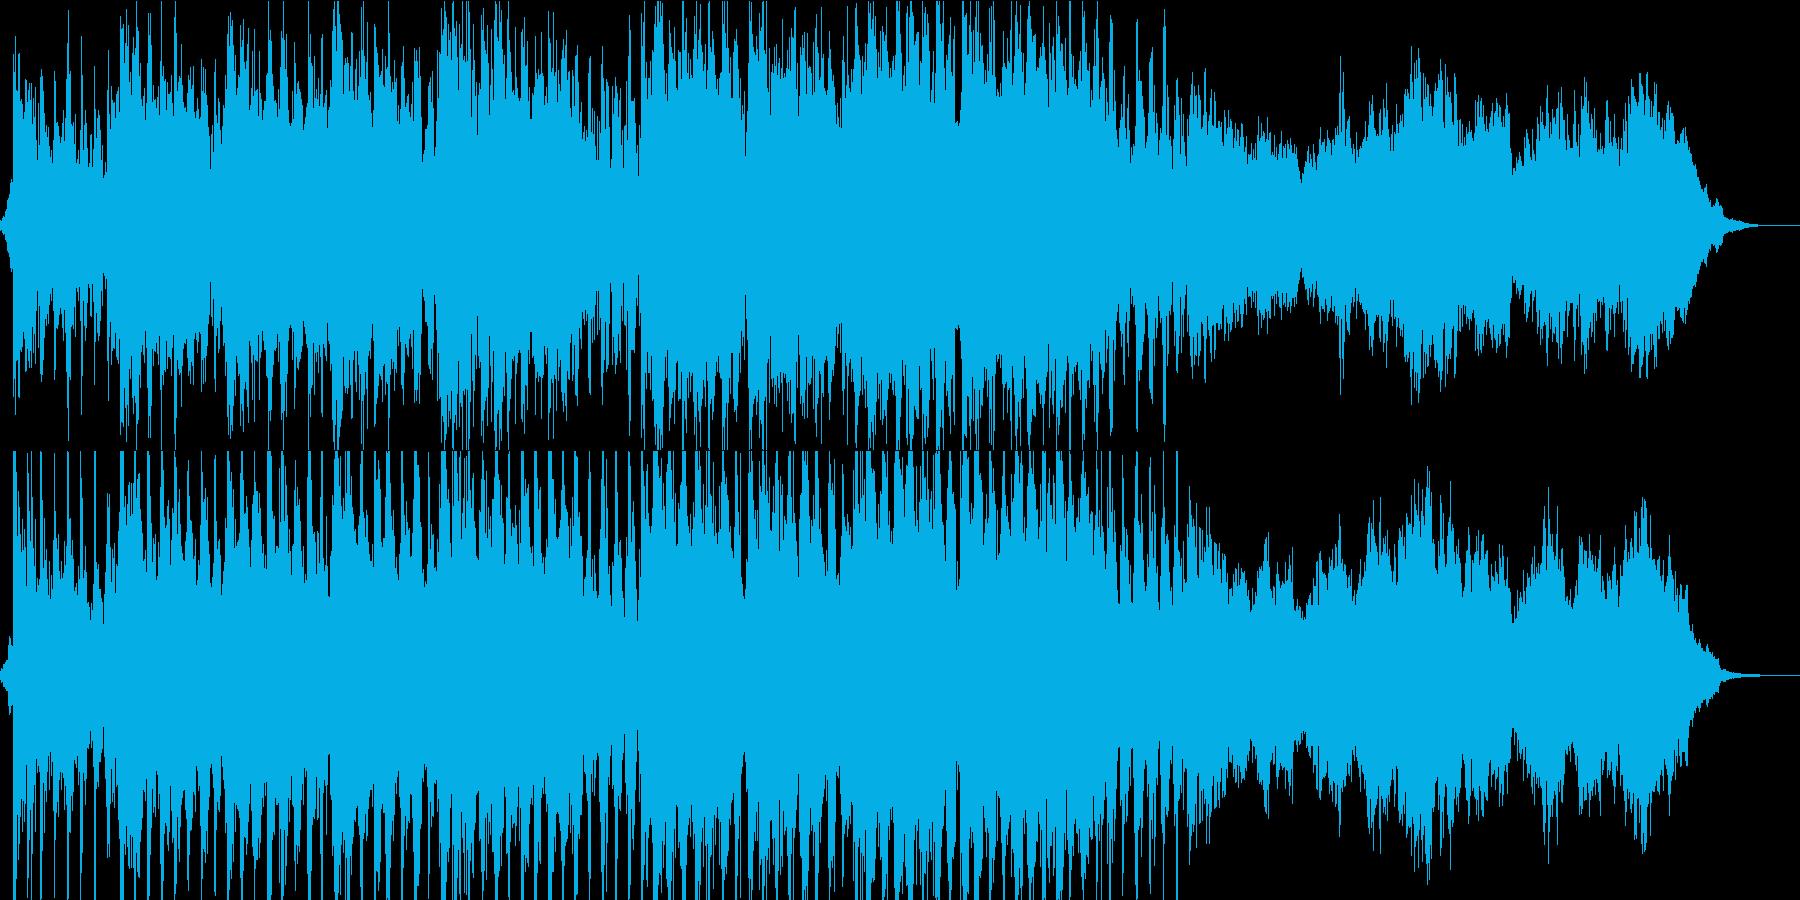 ヨーロッパ/ケルト風/壮大なオープニングの再生済みの波形